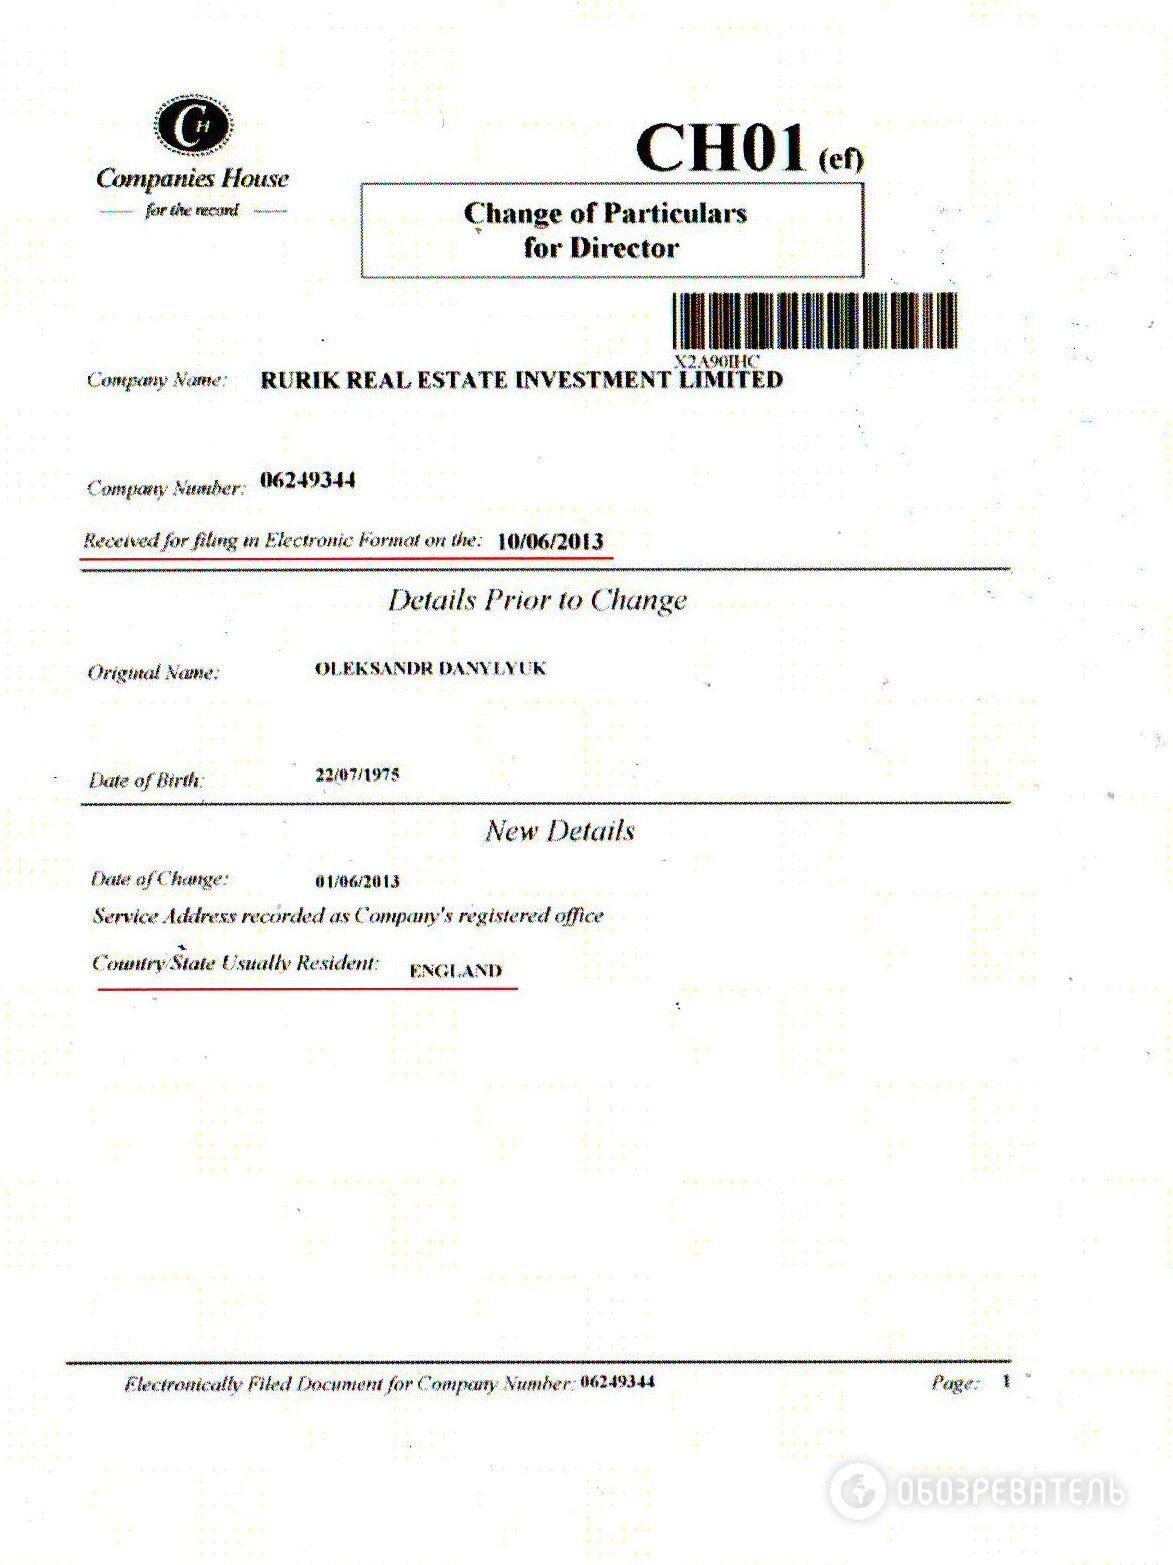 Британский паспорт и кредит: стало известно, как Данилюк нарушил закон